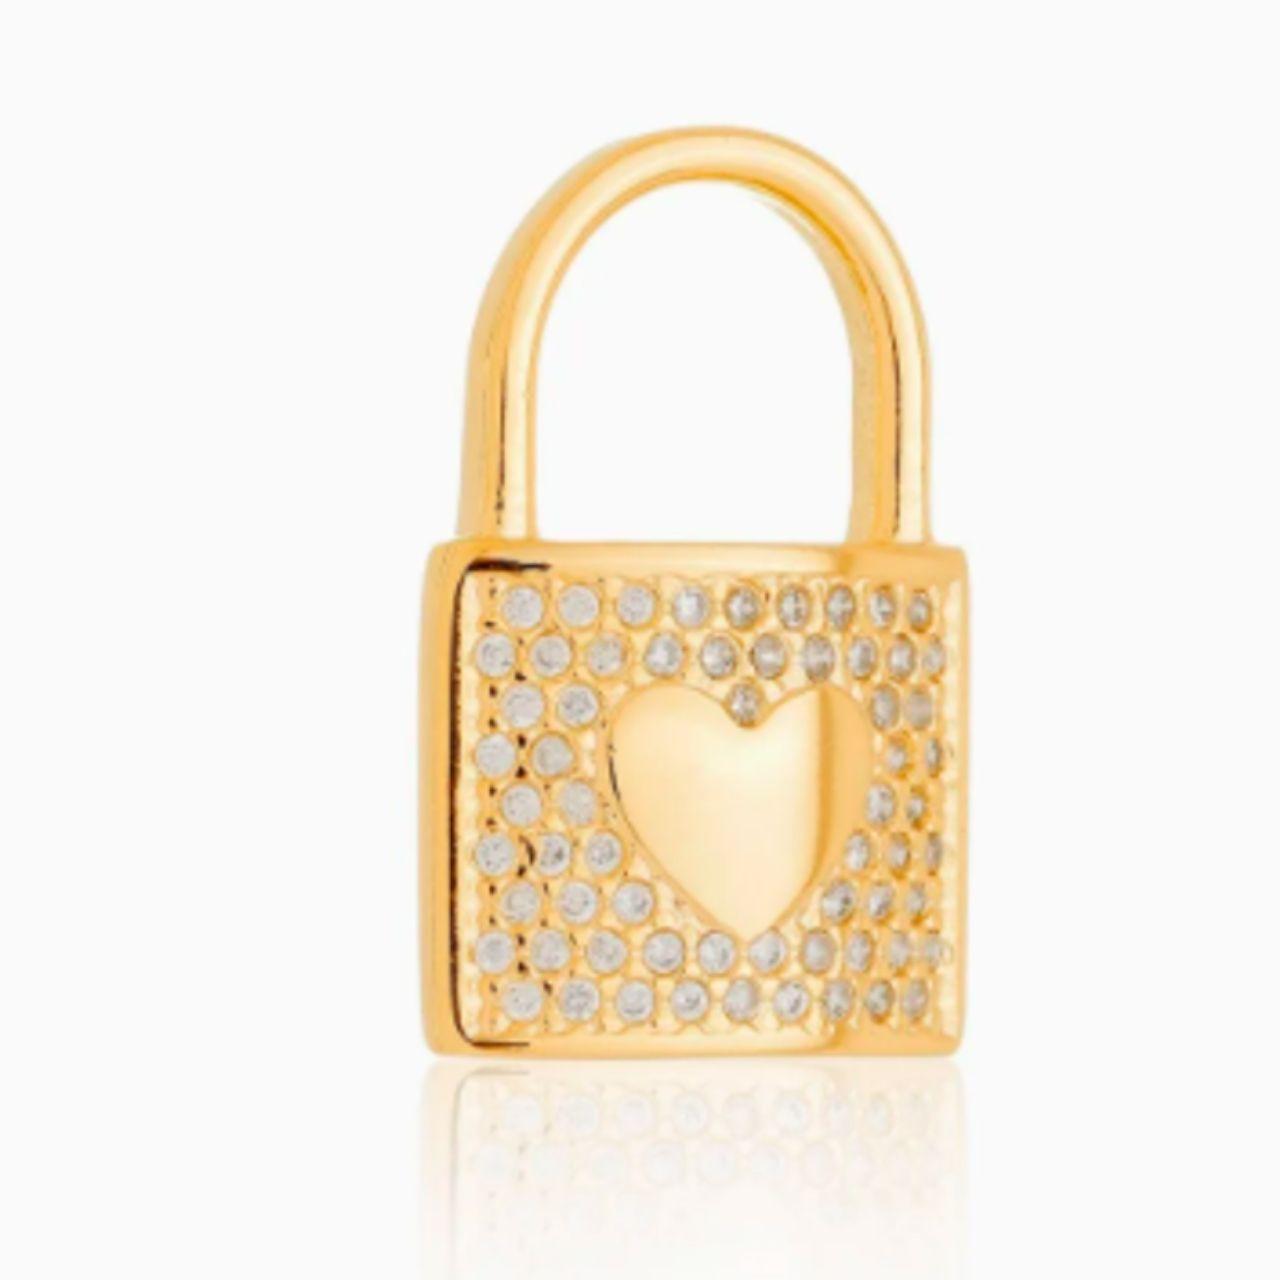 Pingente Cadeado Coração Cravejado com Zircônias Banhado em Ouro 18k